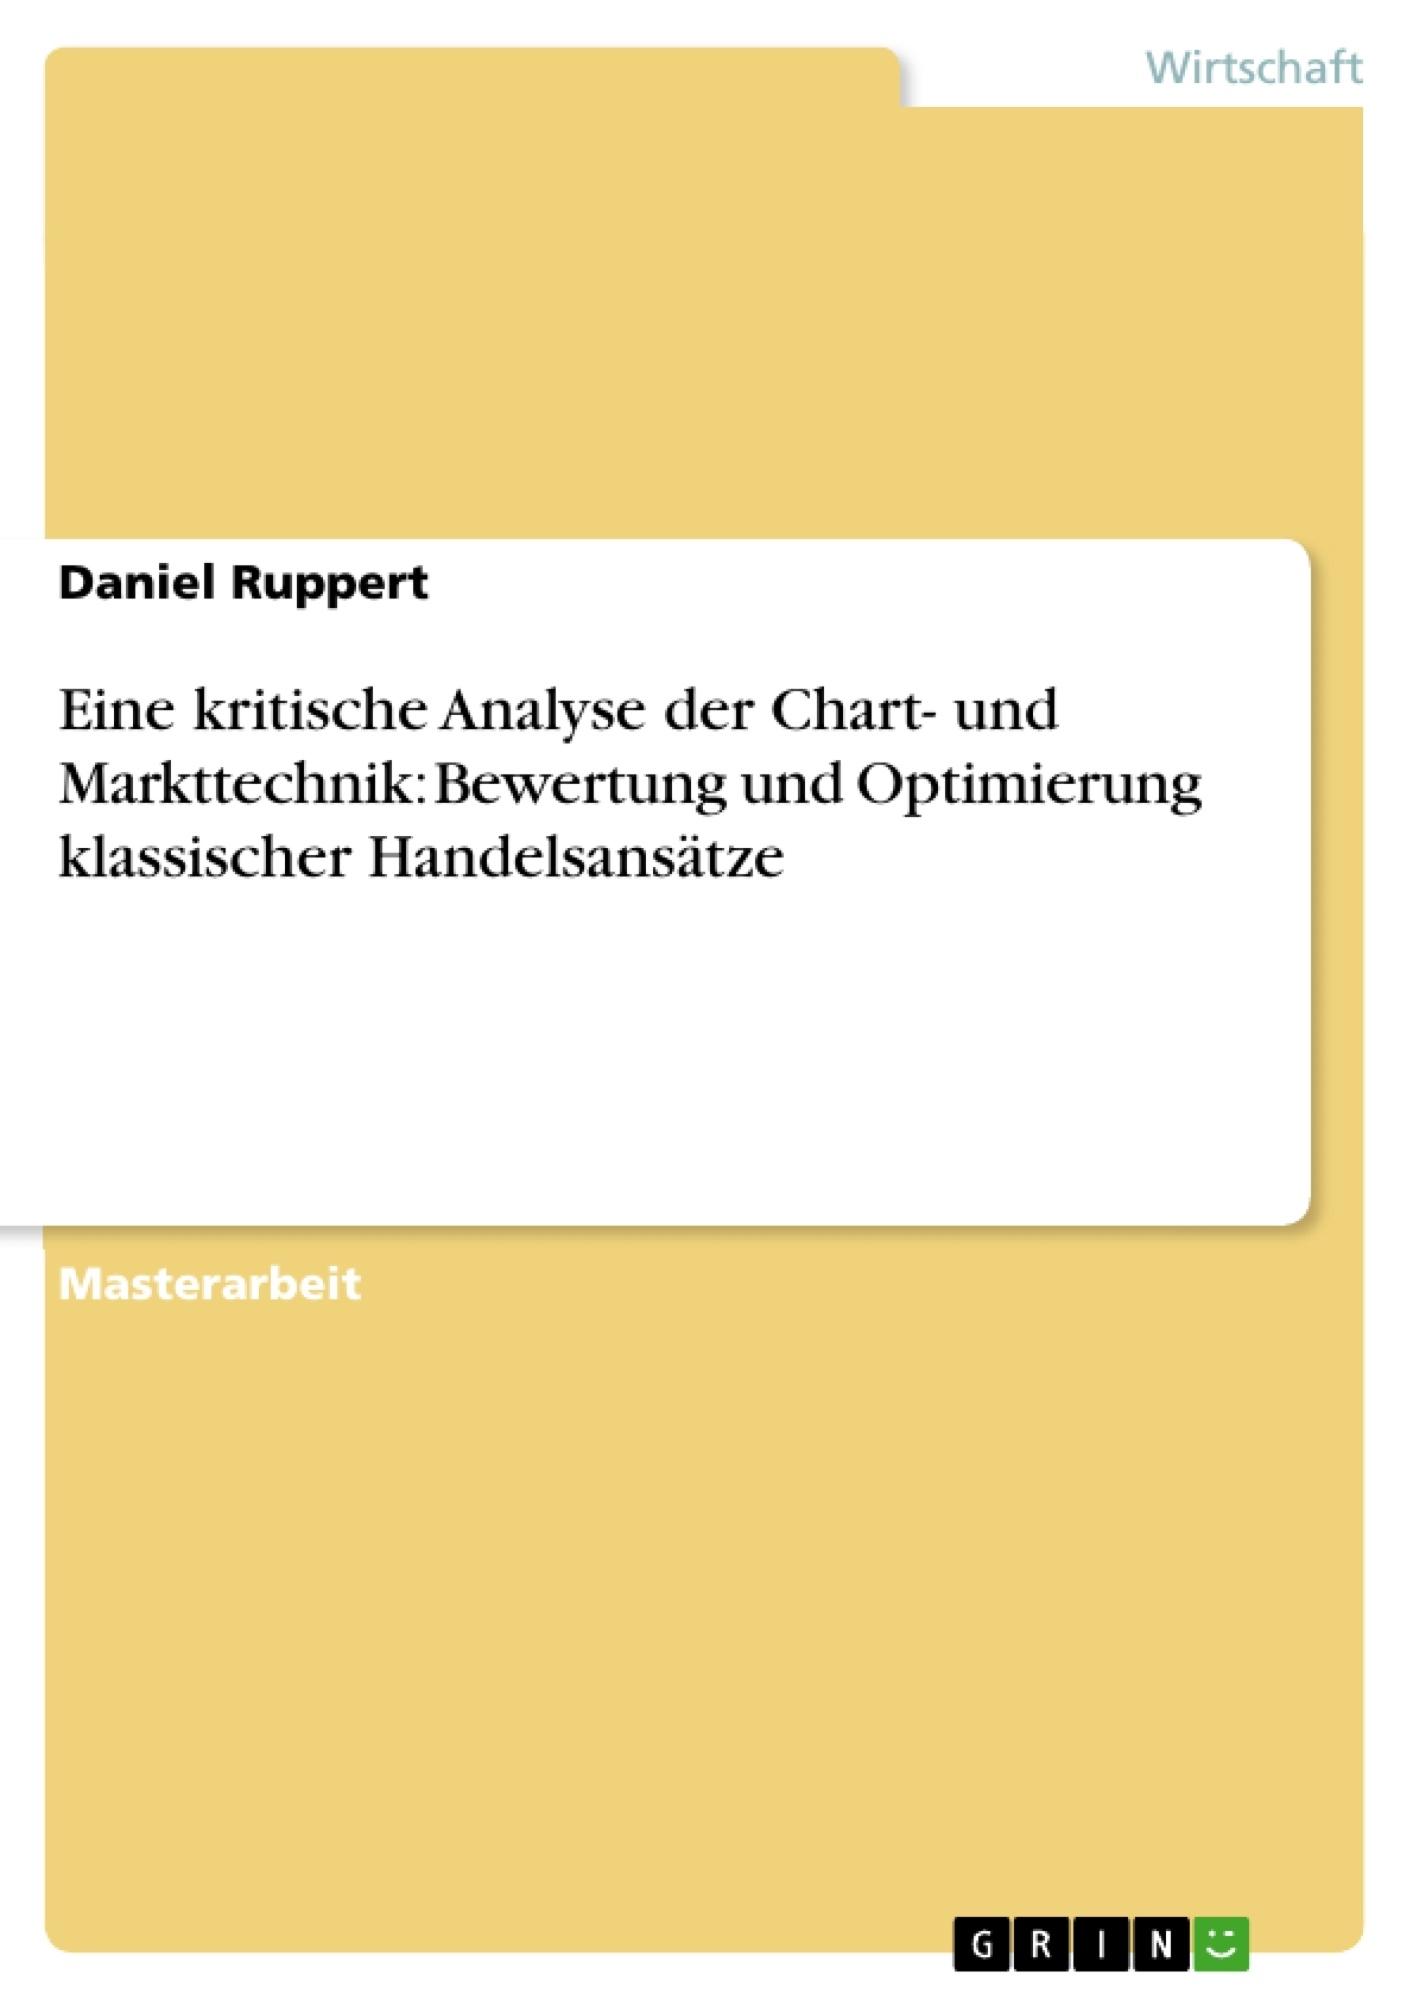 Titel: Eine kritische Analyse der Chart- und Markttechnik: Bewertung und Optimierung klassischer Handelsansätze